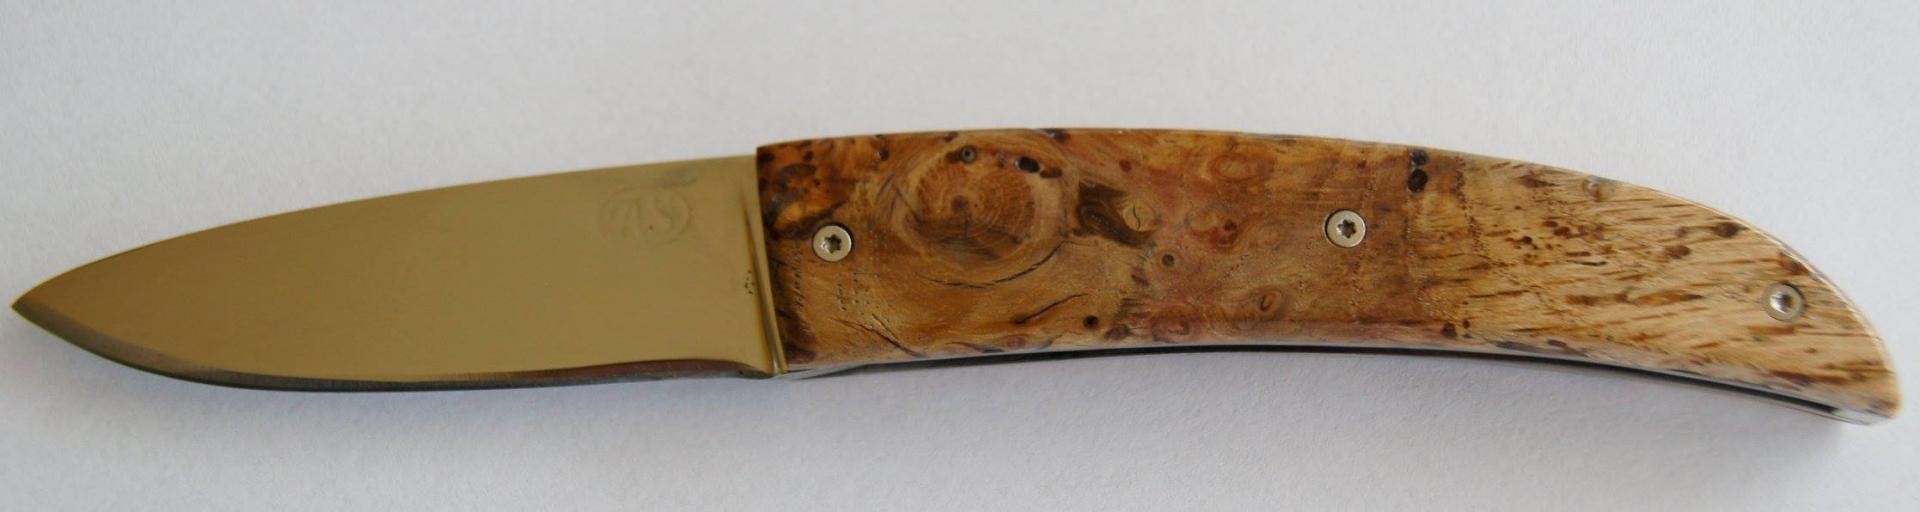 Cran plat loupe de chêne platine z20 lame inox